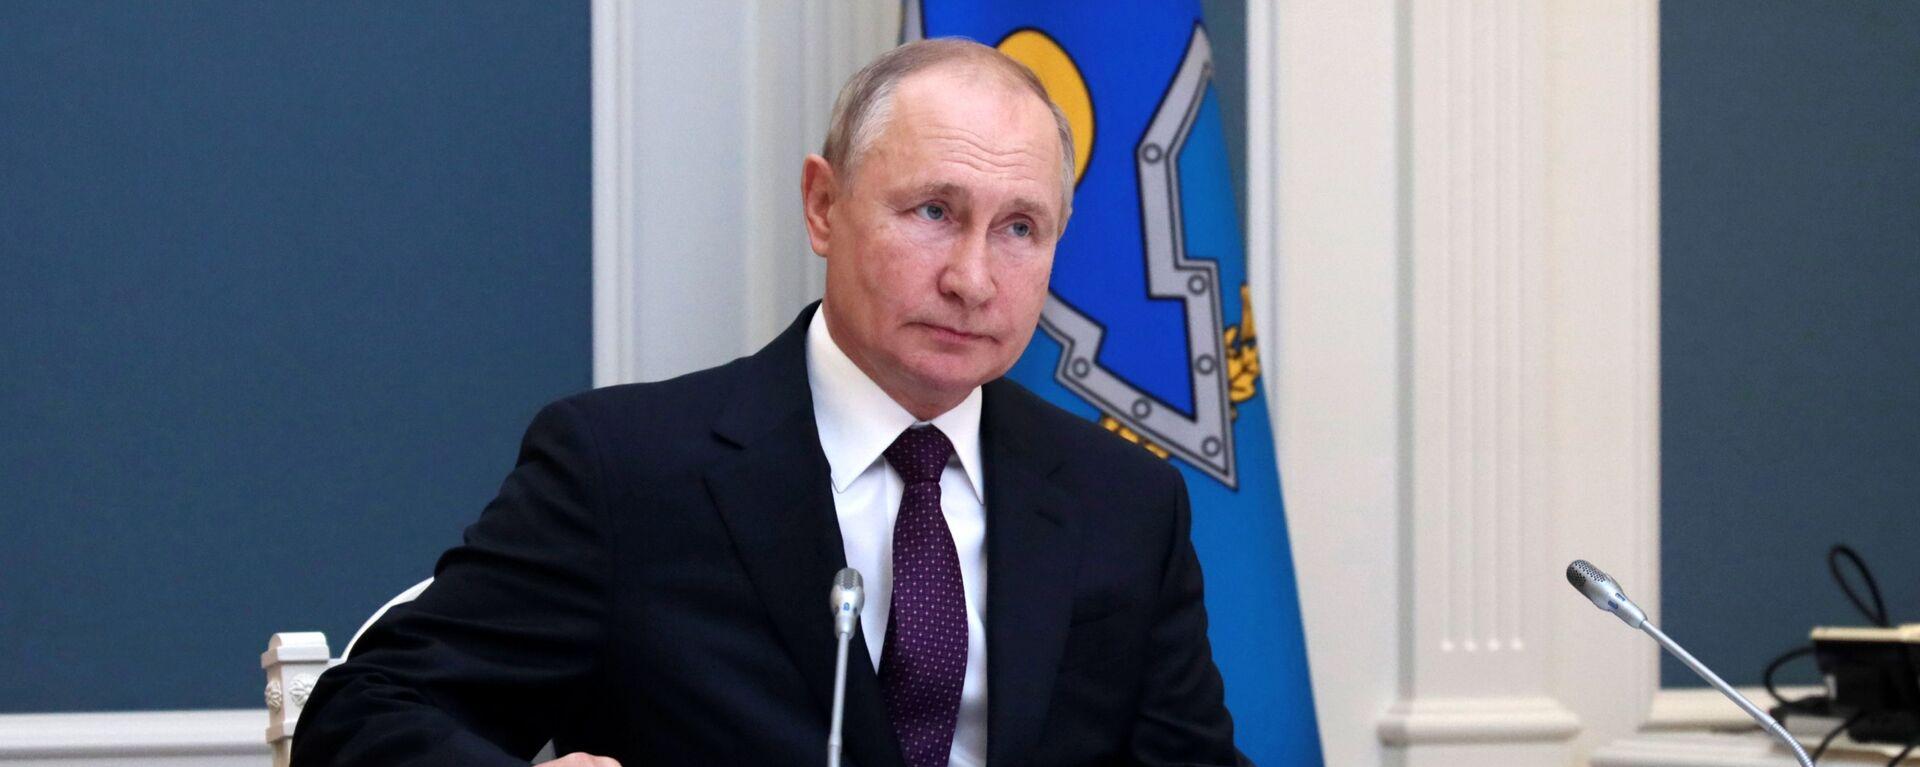 Президент РФ В. Путин принял участие во внеочередной сессии Совета коллективной безопасности ОДКБ - Sputnik Азербайджан, 1920, 27.09.2021